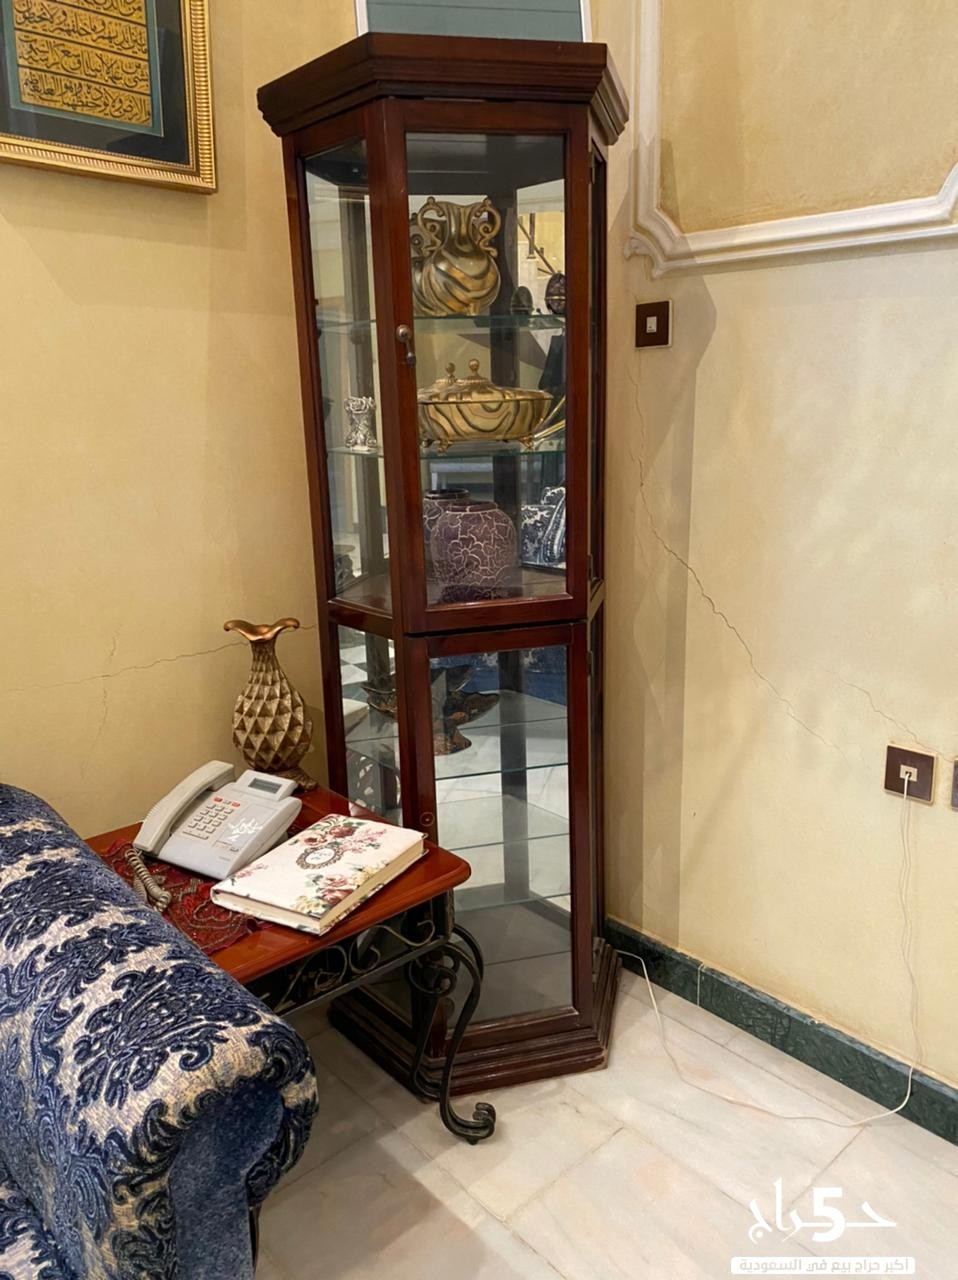 راعي شراء أثاث مستعمل جميع أحيا الرياض 0559803796 ابو وليد